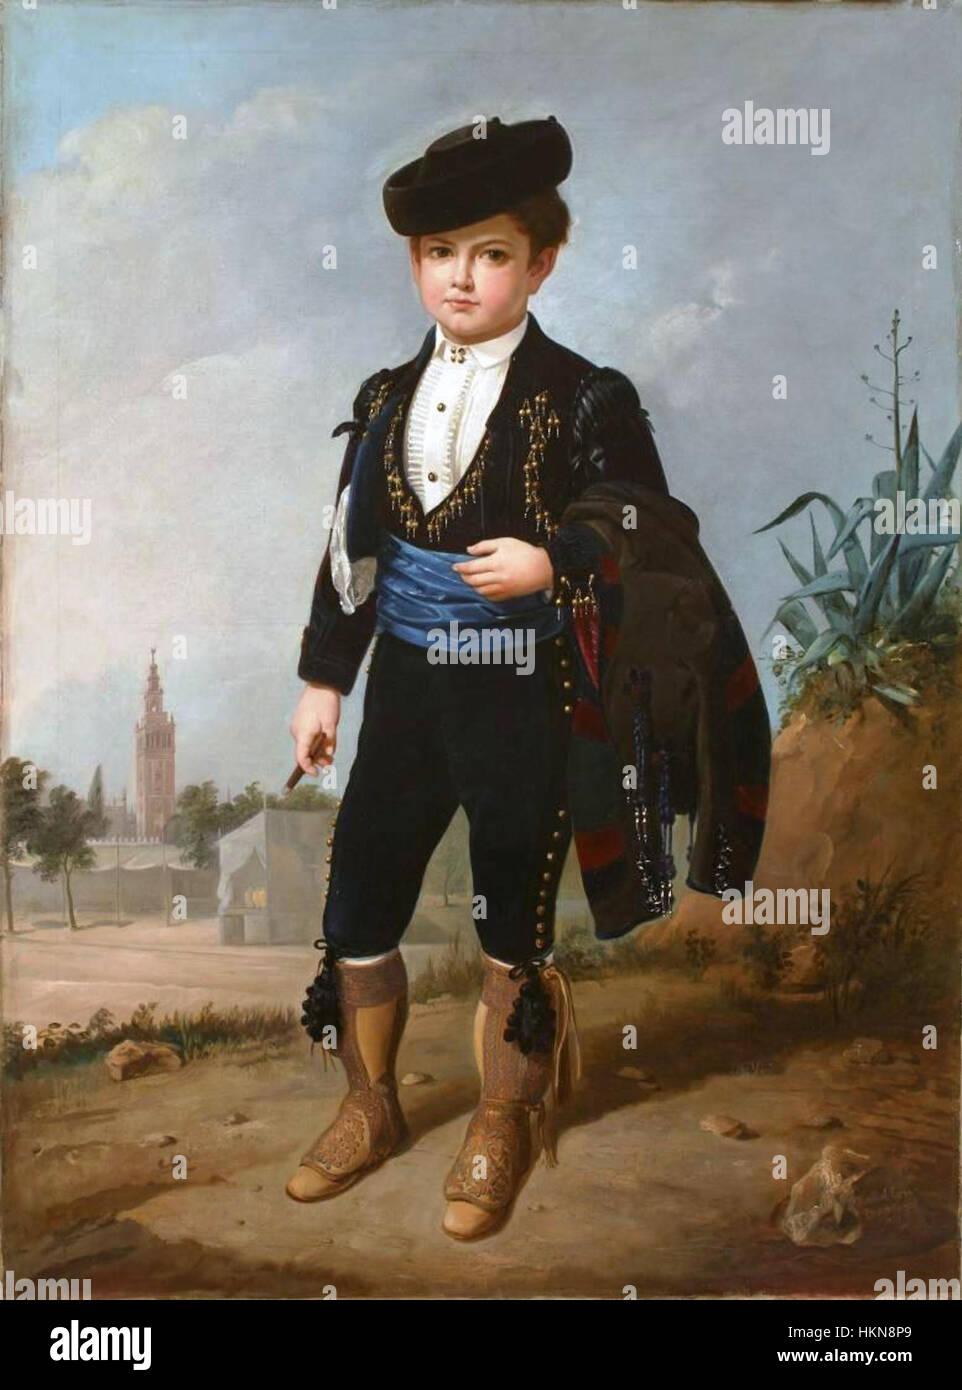 Alfonsito Cabral con puro (Museo del Romanticismo de Madrid) Immagini Stock